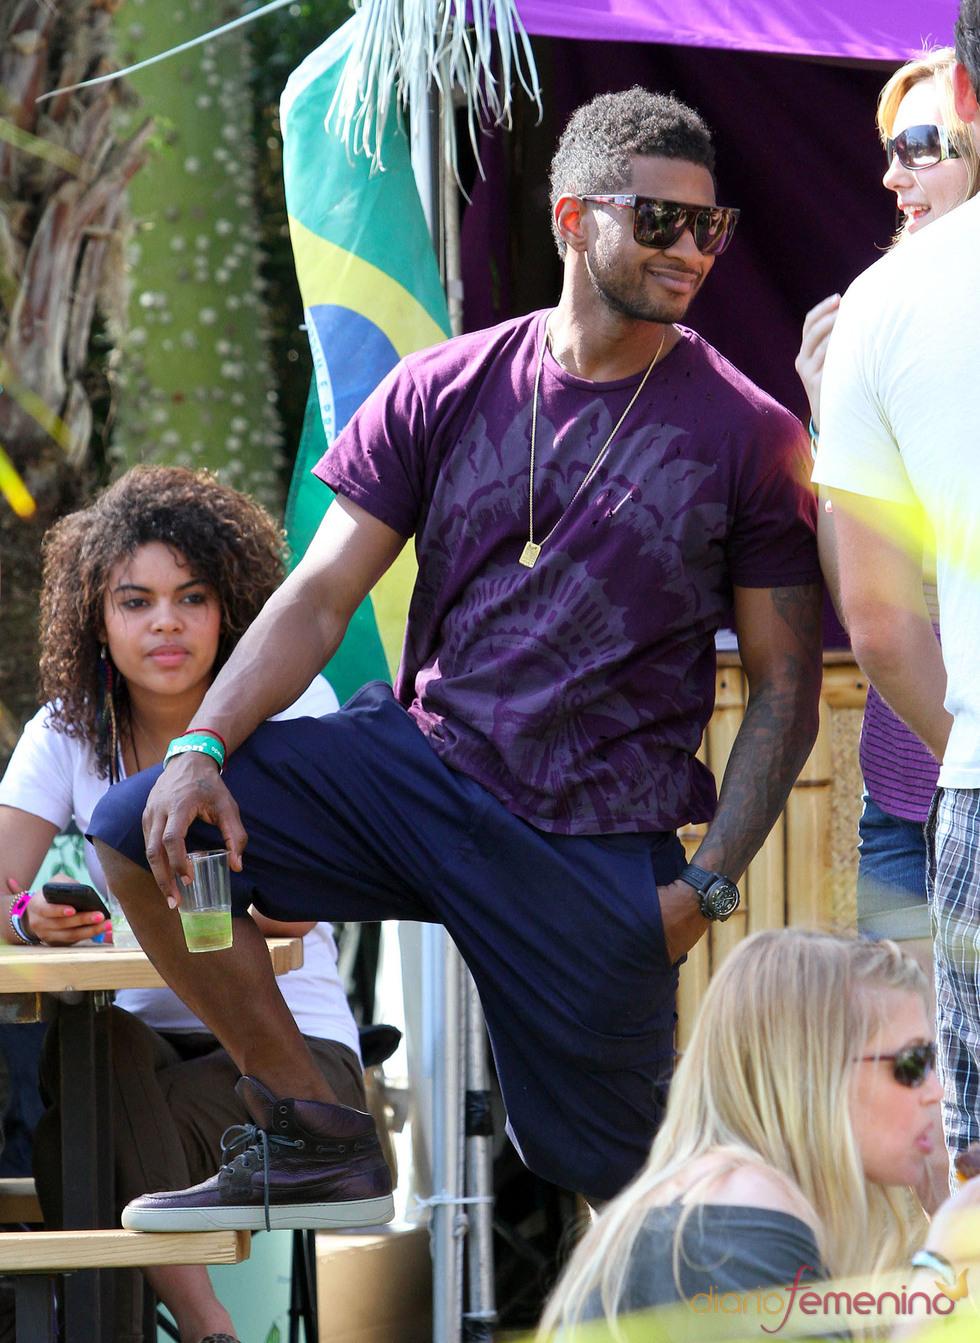 Usher de morado en el Festival Coachella 2011